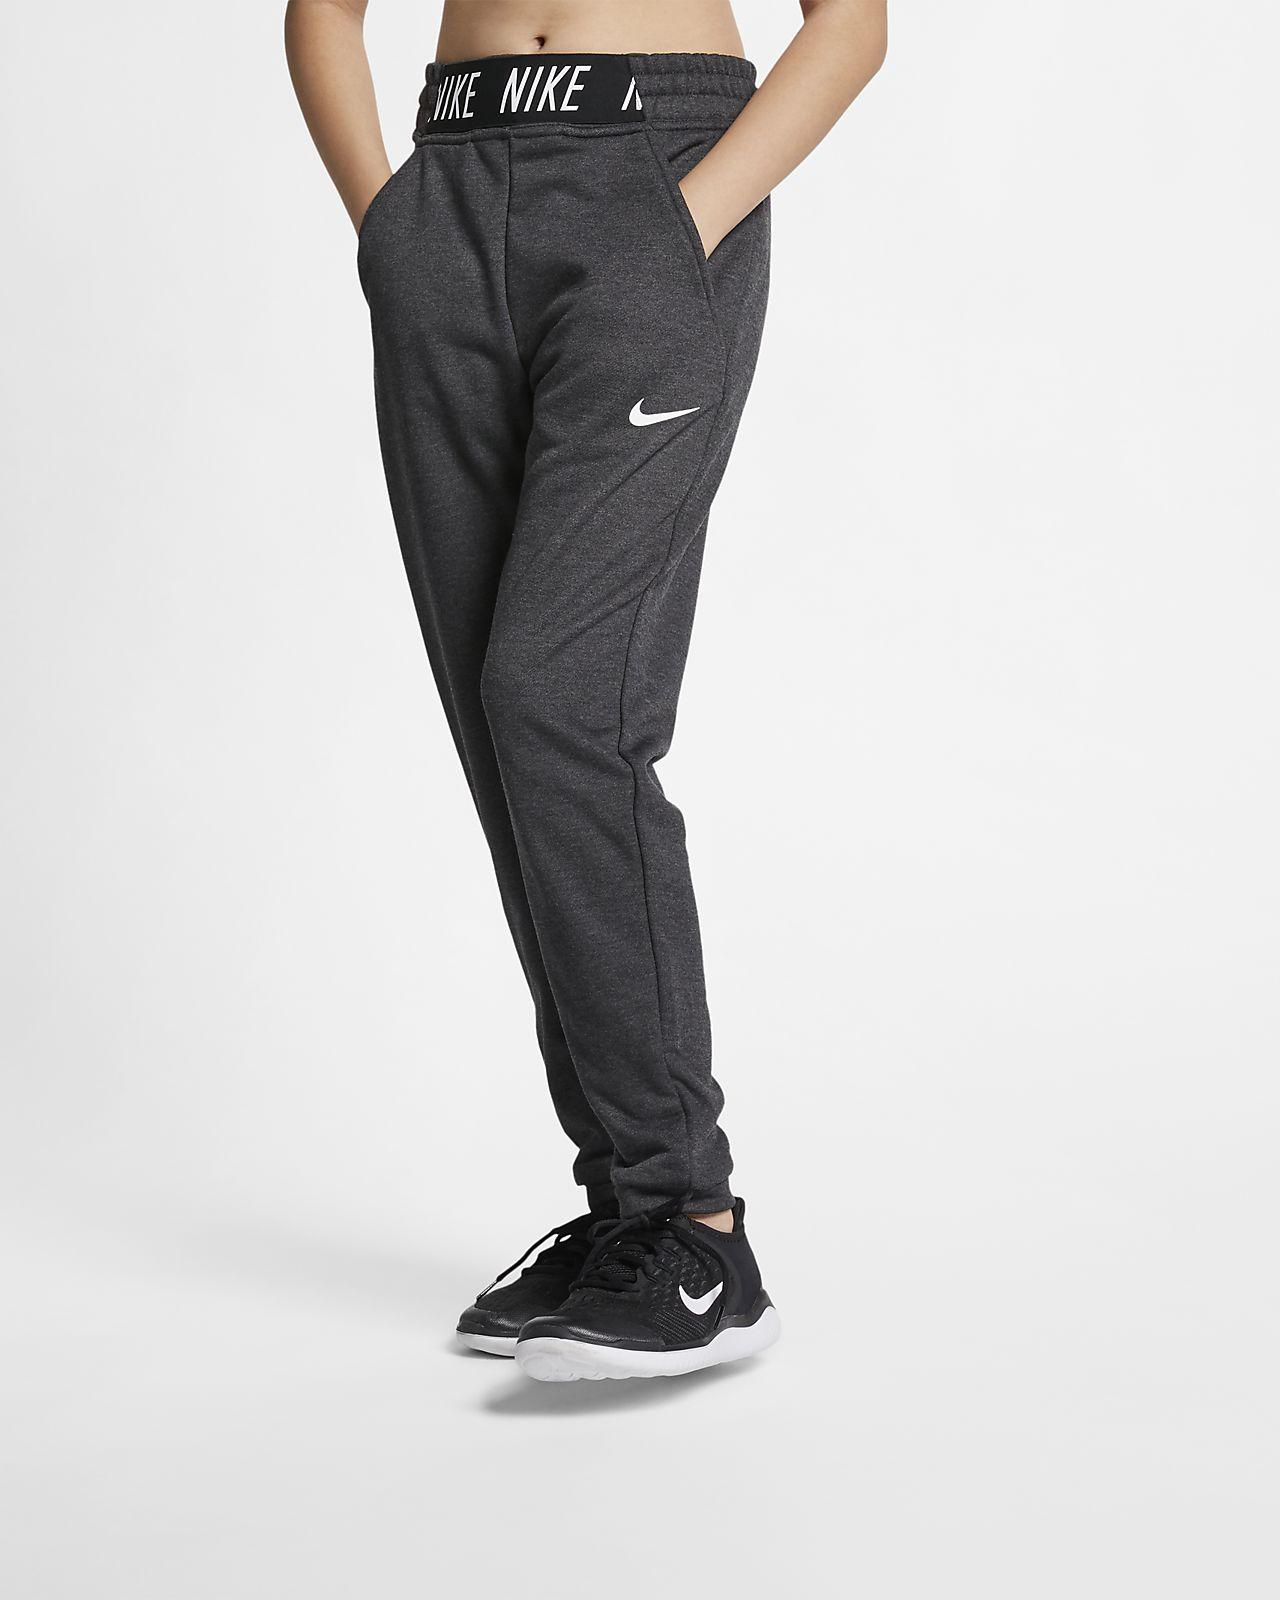 Брюки для тренинга для девочек школьного возраста Nike